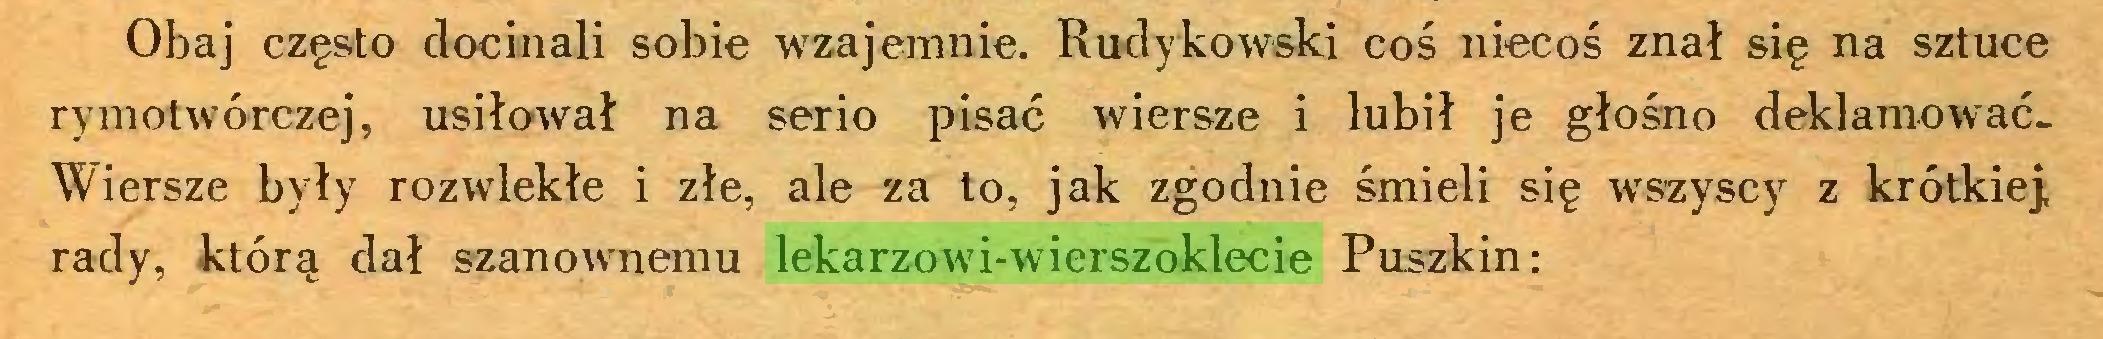 (...) Obaj często docinali sobie wzajemnie. Rudykowski coś niecoś znał się na sztuce rymotwórczej, usiłował na serio pisać wiersze i lubił je głośno deklamowaćWiersze były rozwlekłe i złe, ale za to, jak zgodnie śmieli się wszyscy z krótkiej, rady, którą dał szanownemu lekarzowi-wierszoklecie Puszkin:...